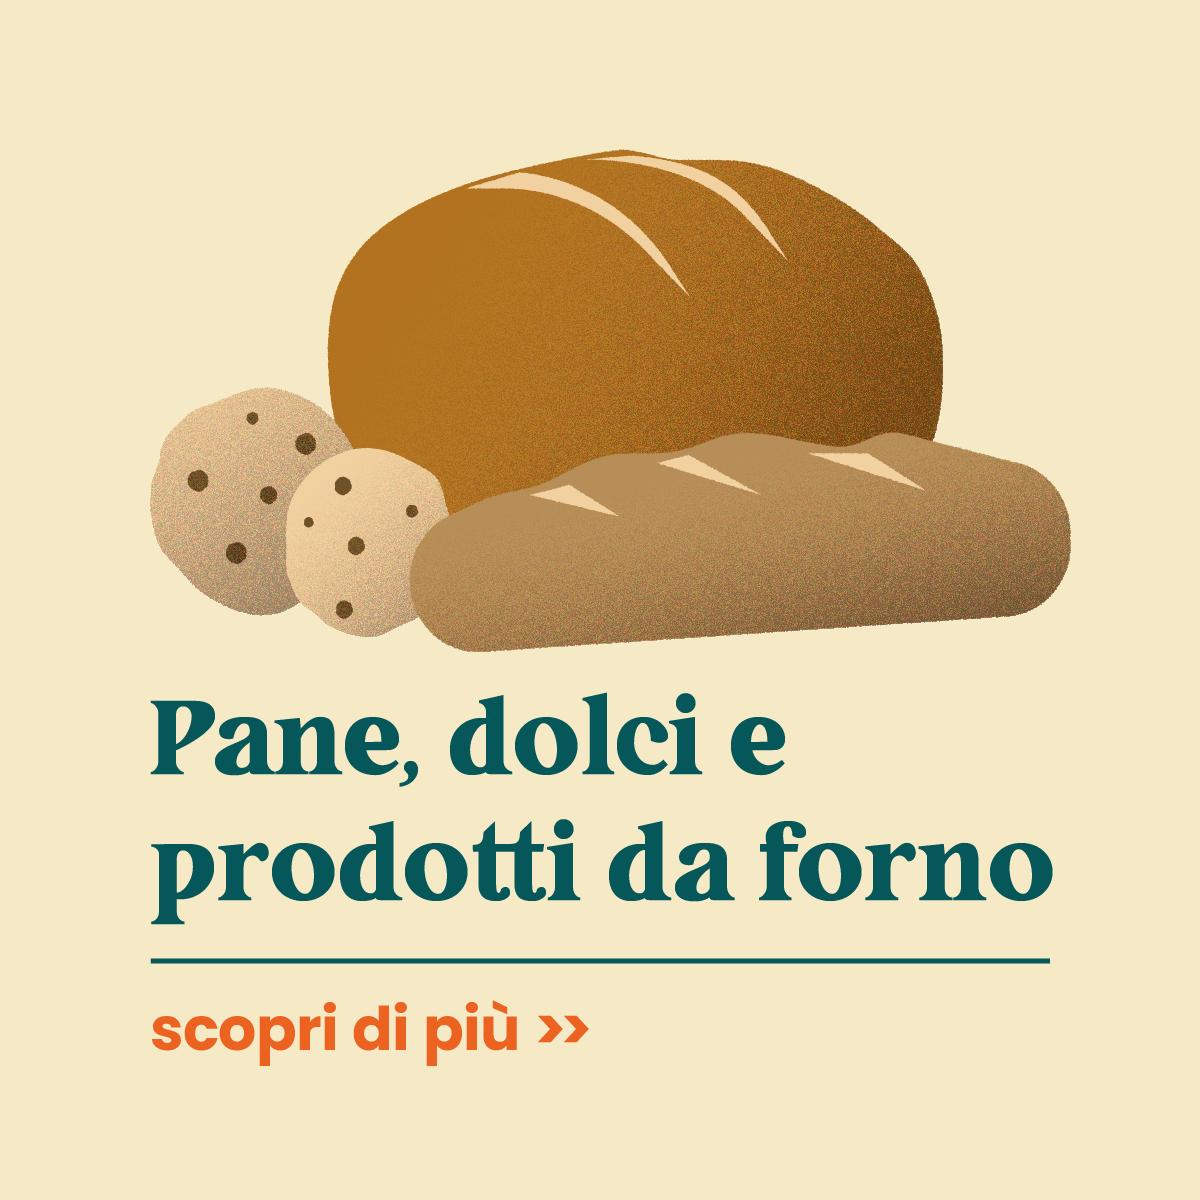 Pane, dolci e prodotti da forno_1.png